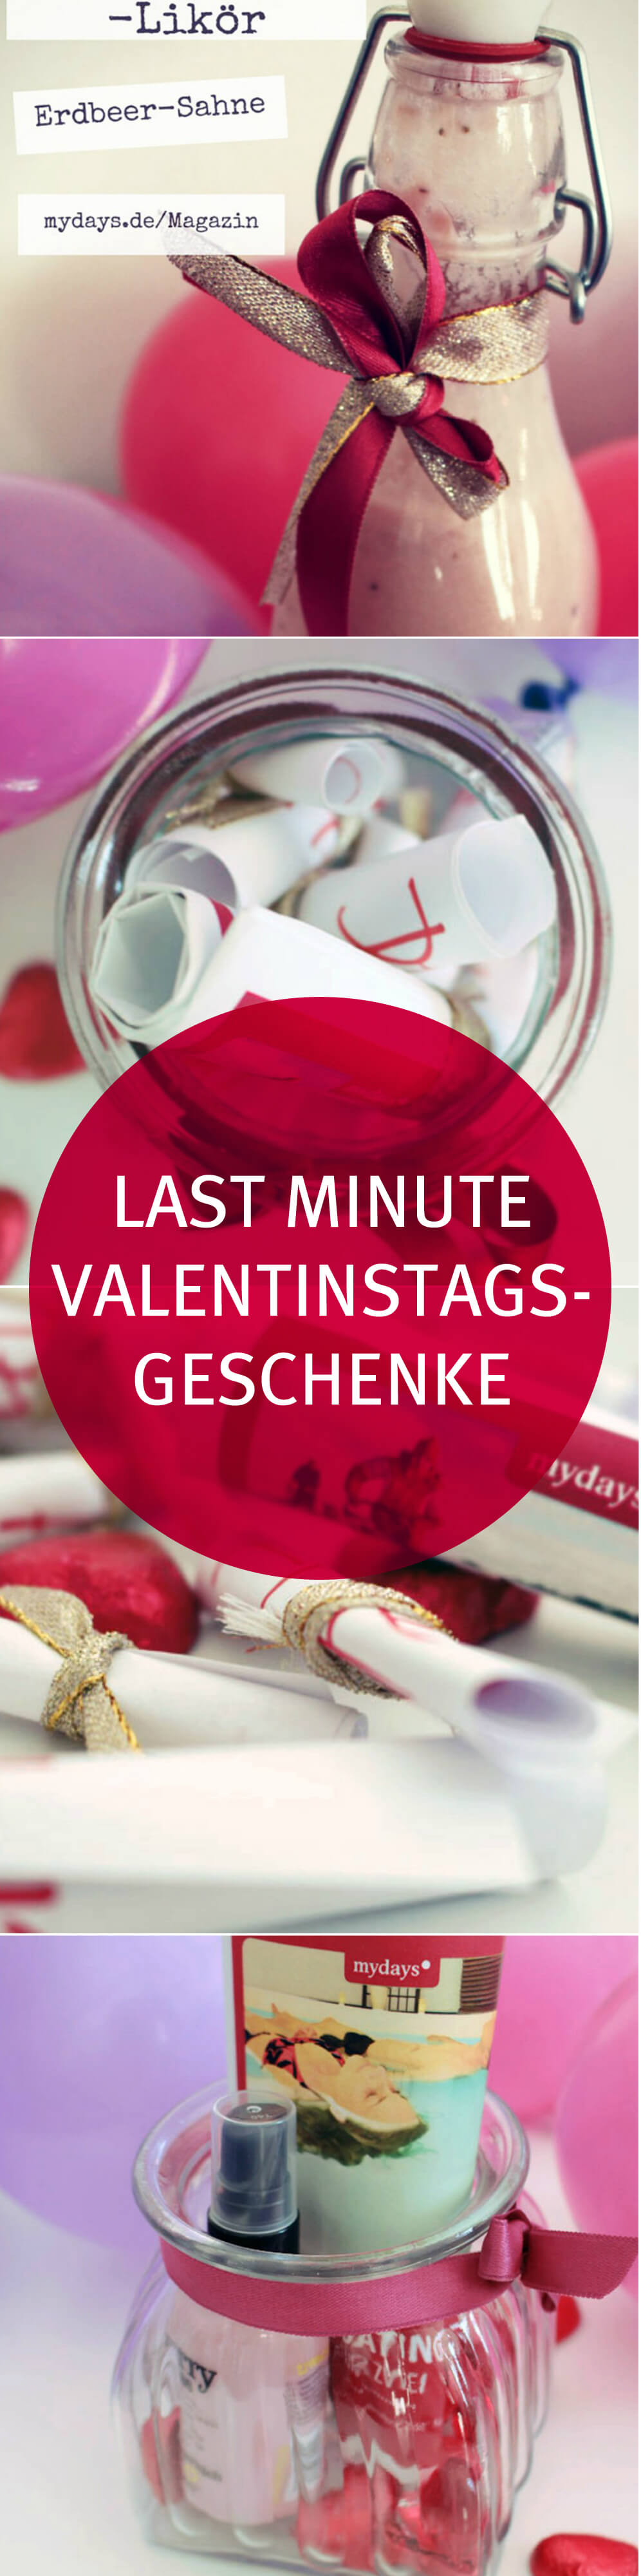 Last minute valentinsgeschenke valentinstag geschenke - Geschenke buchen ...